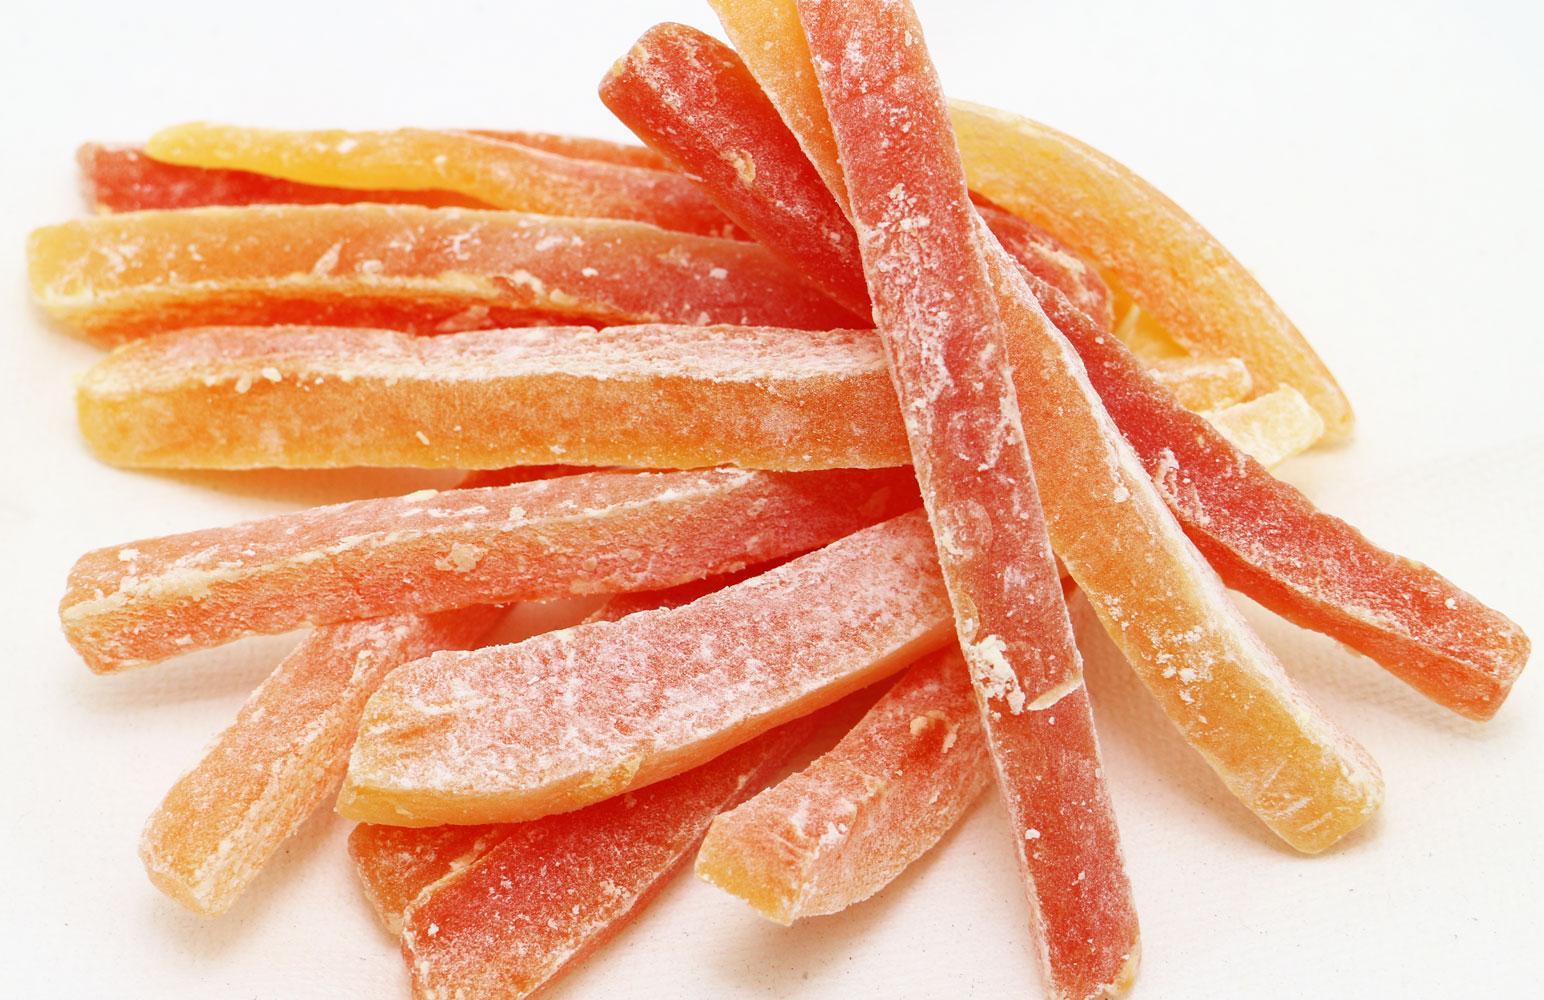 世界美食探究 タイ産 パパイヤスティック 1kg 【ドライパパイヤ ドライフルーツ 南国果実】